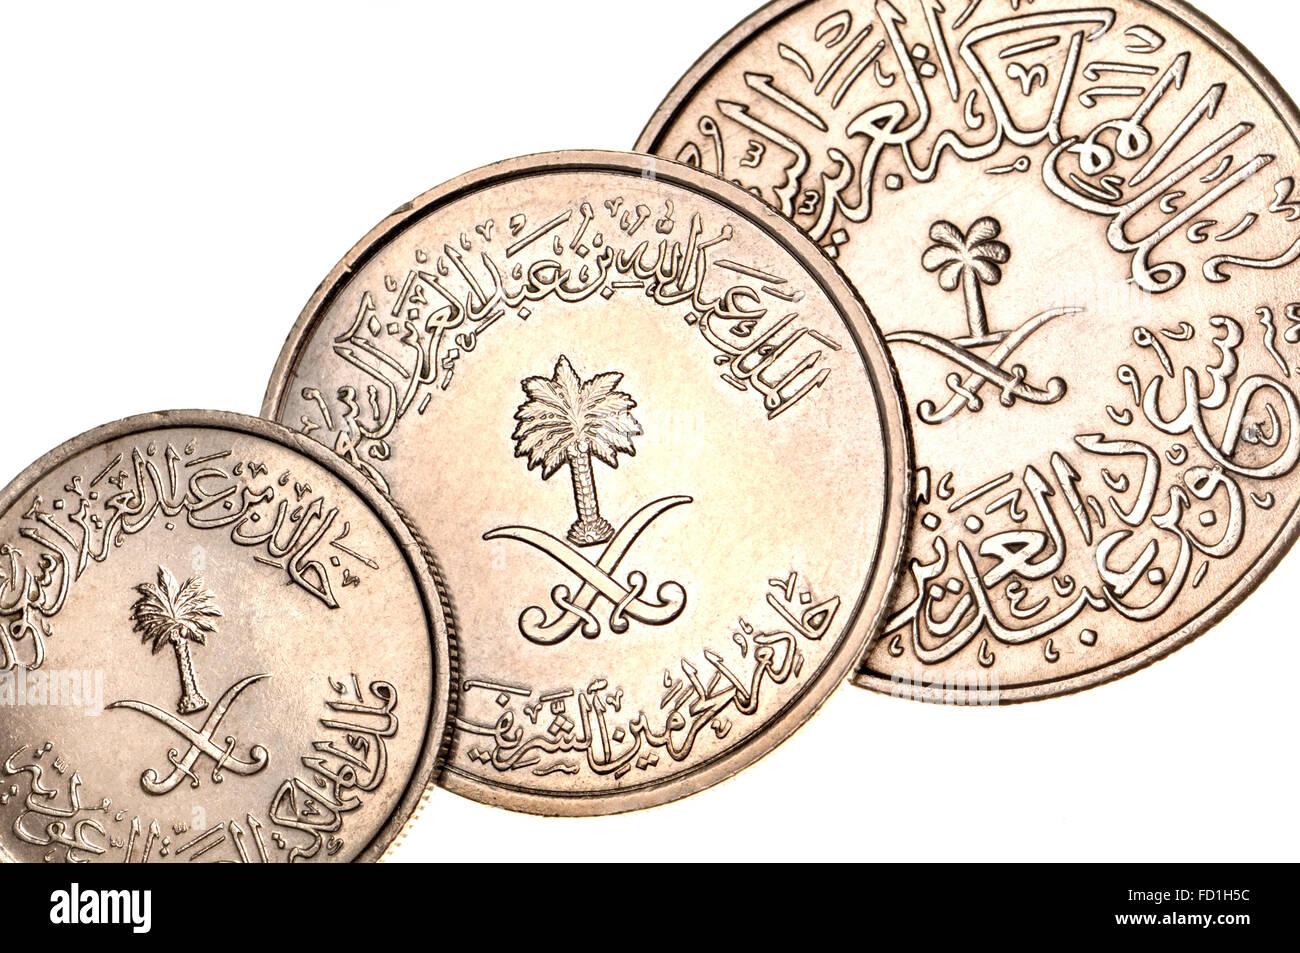 Coins de l'Arabie saoudite montrant l'Est de l'écriture arabe et chiffres, palmier et épées Photo Stock